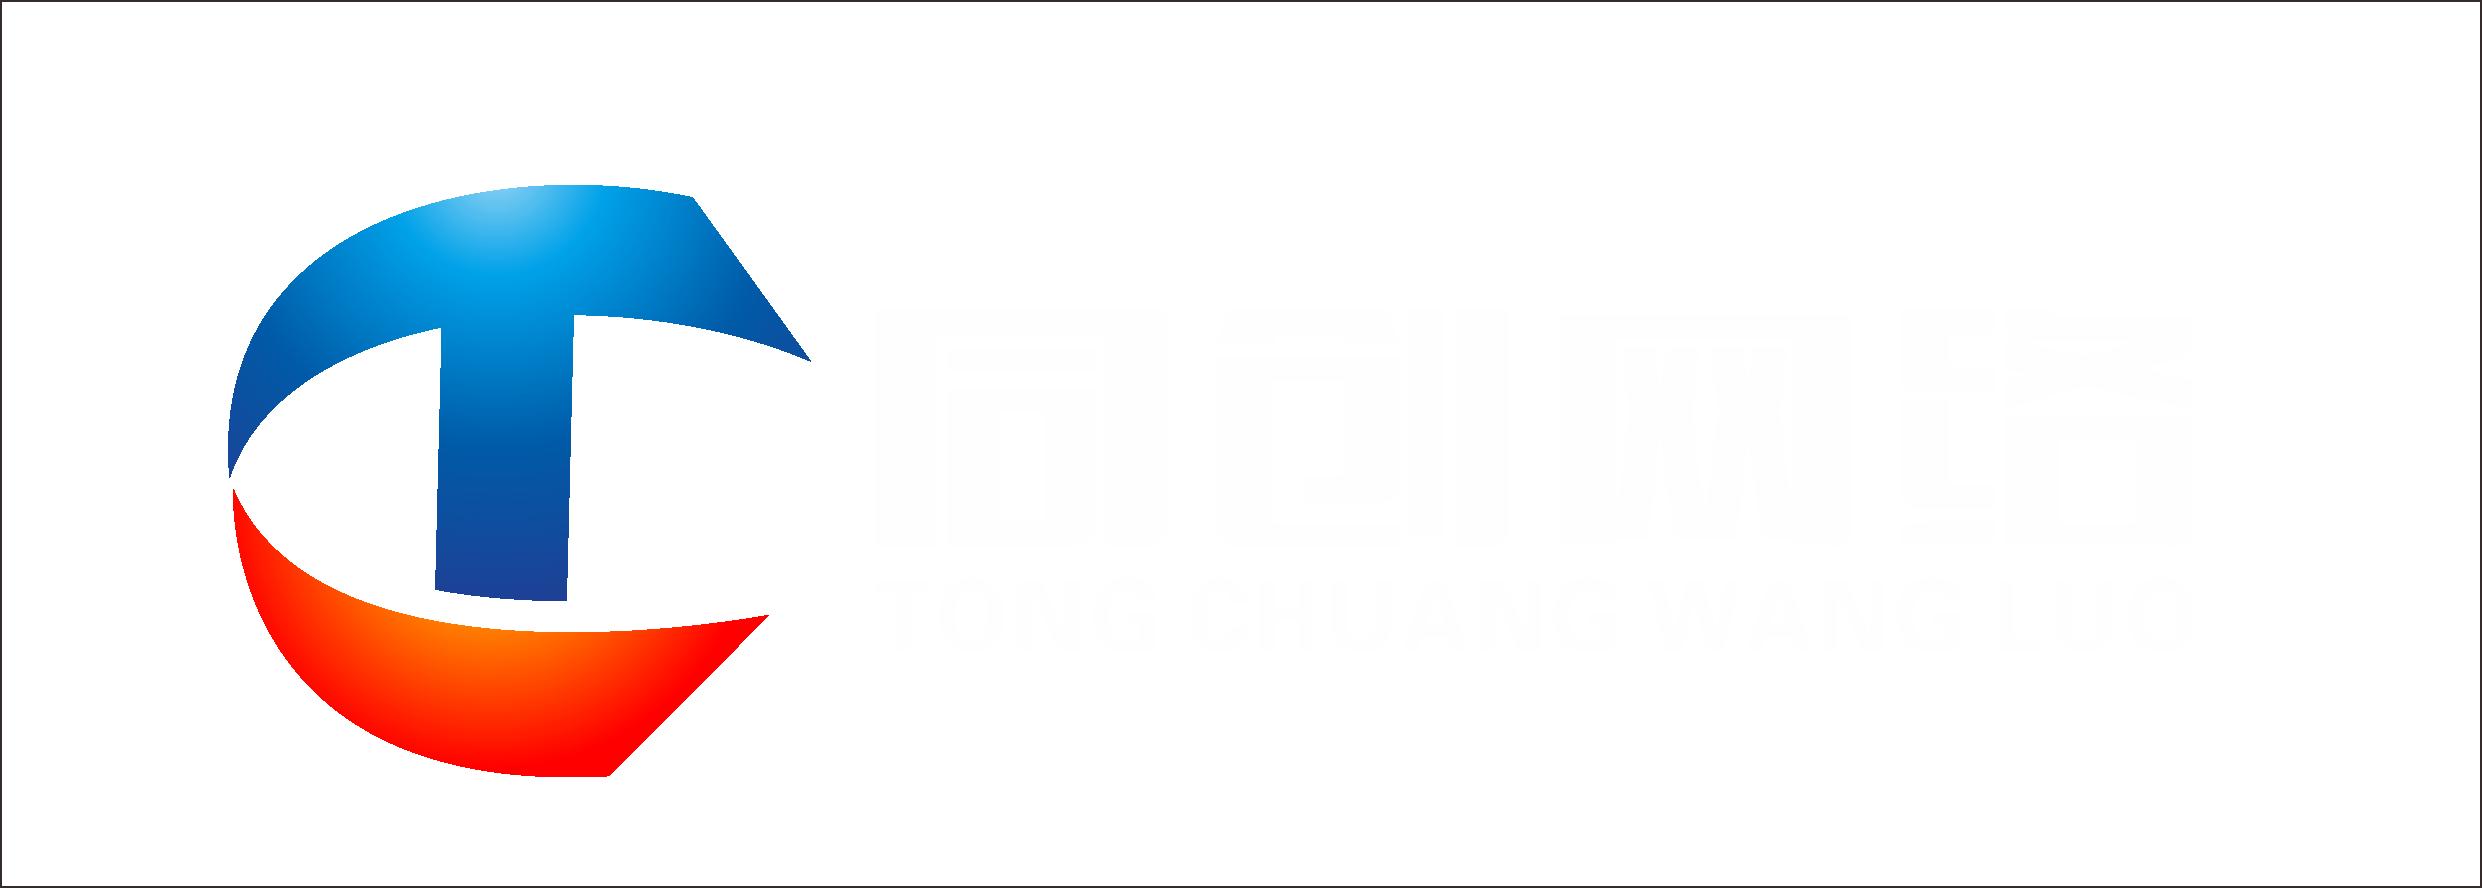 巩义市乐投letouapp网络技术服务有限公司